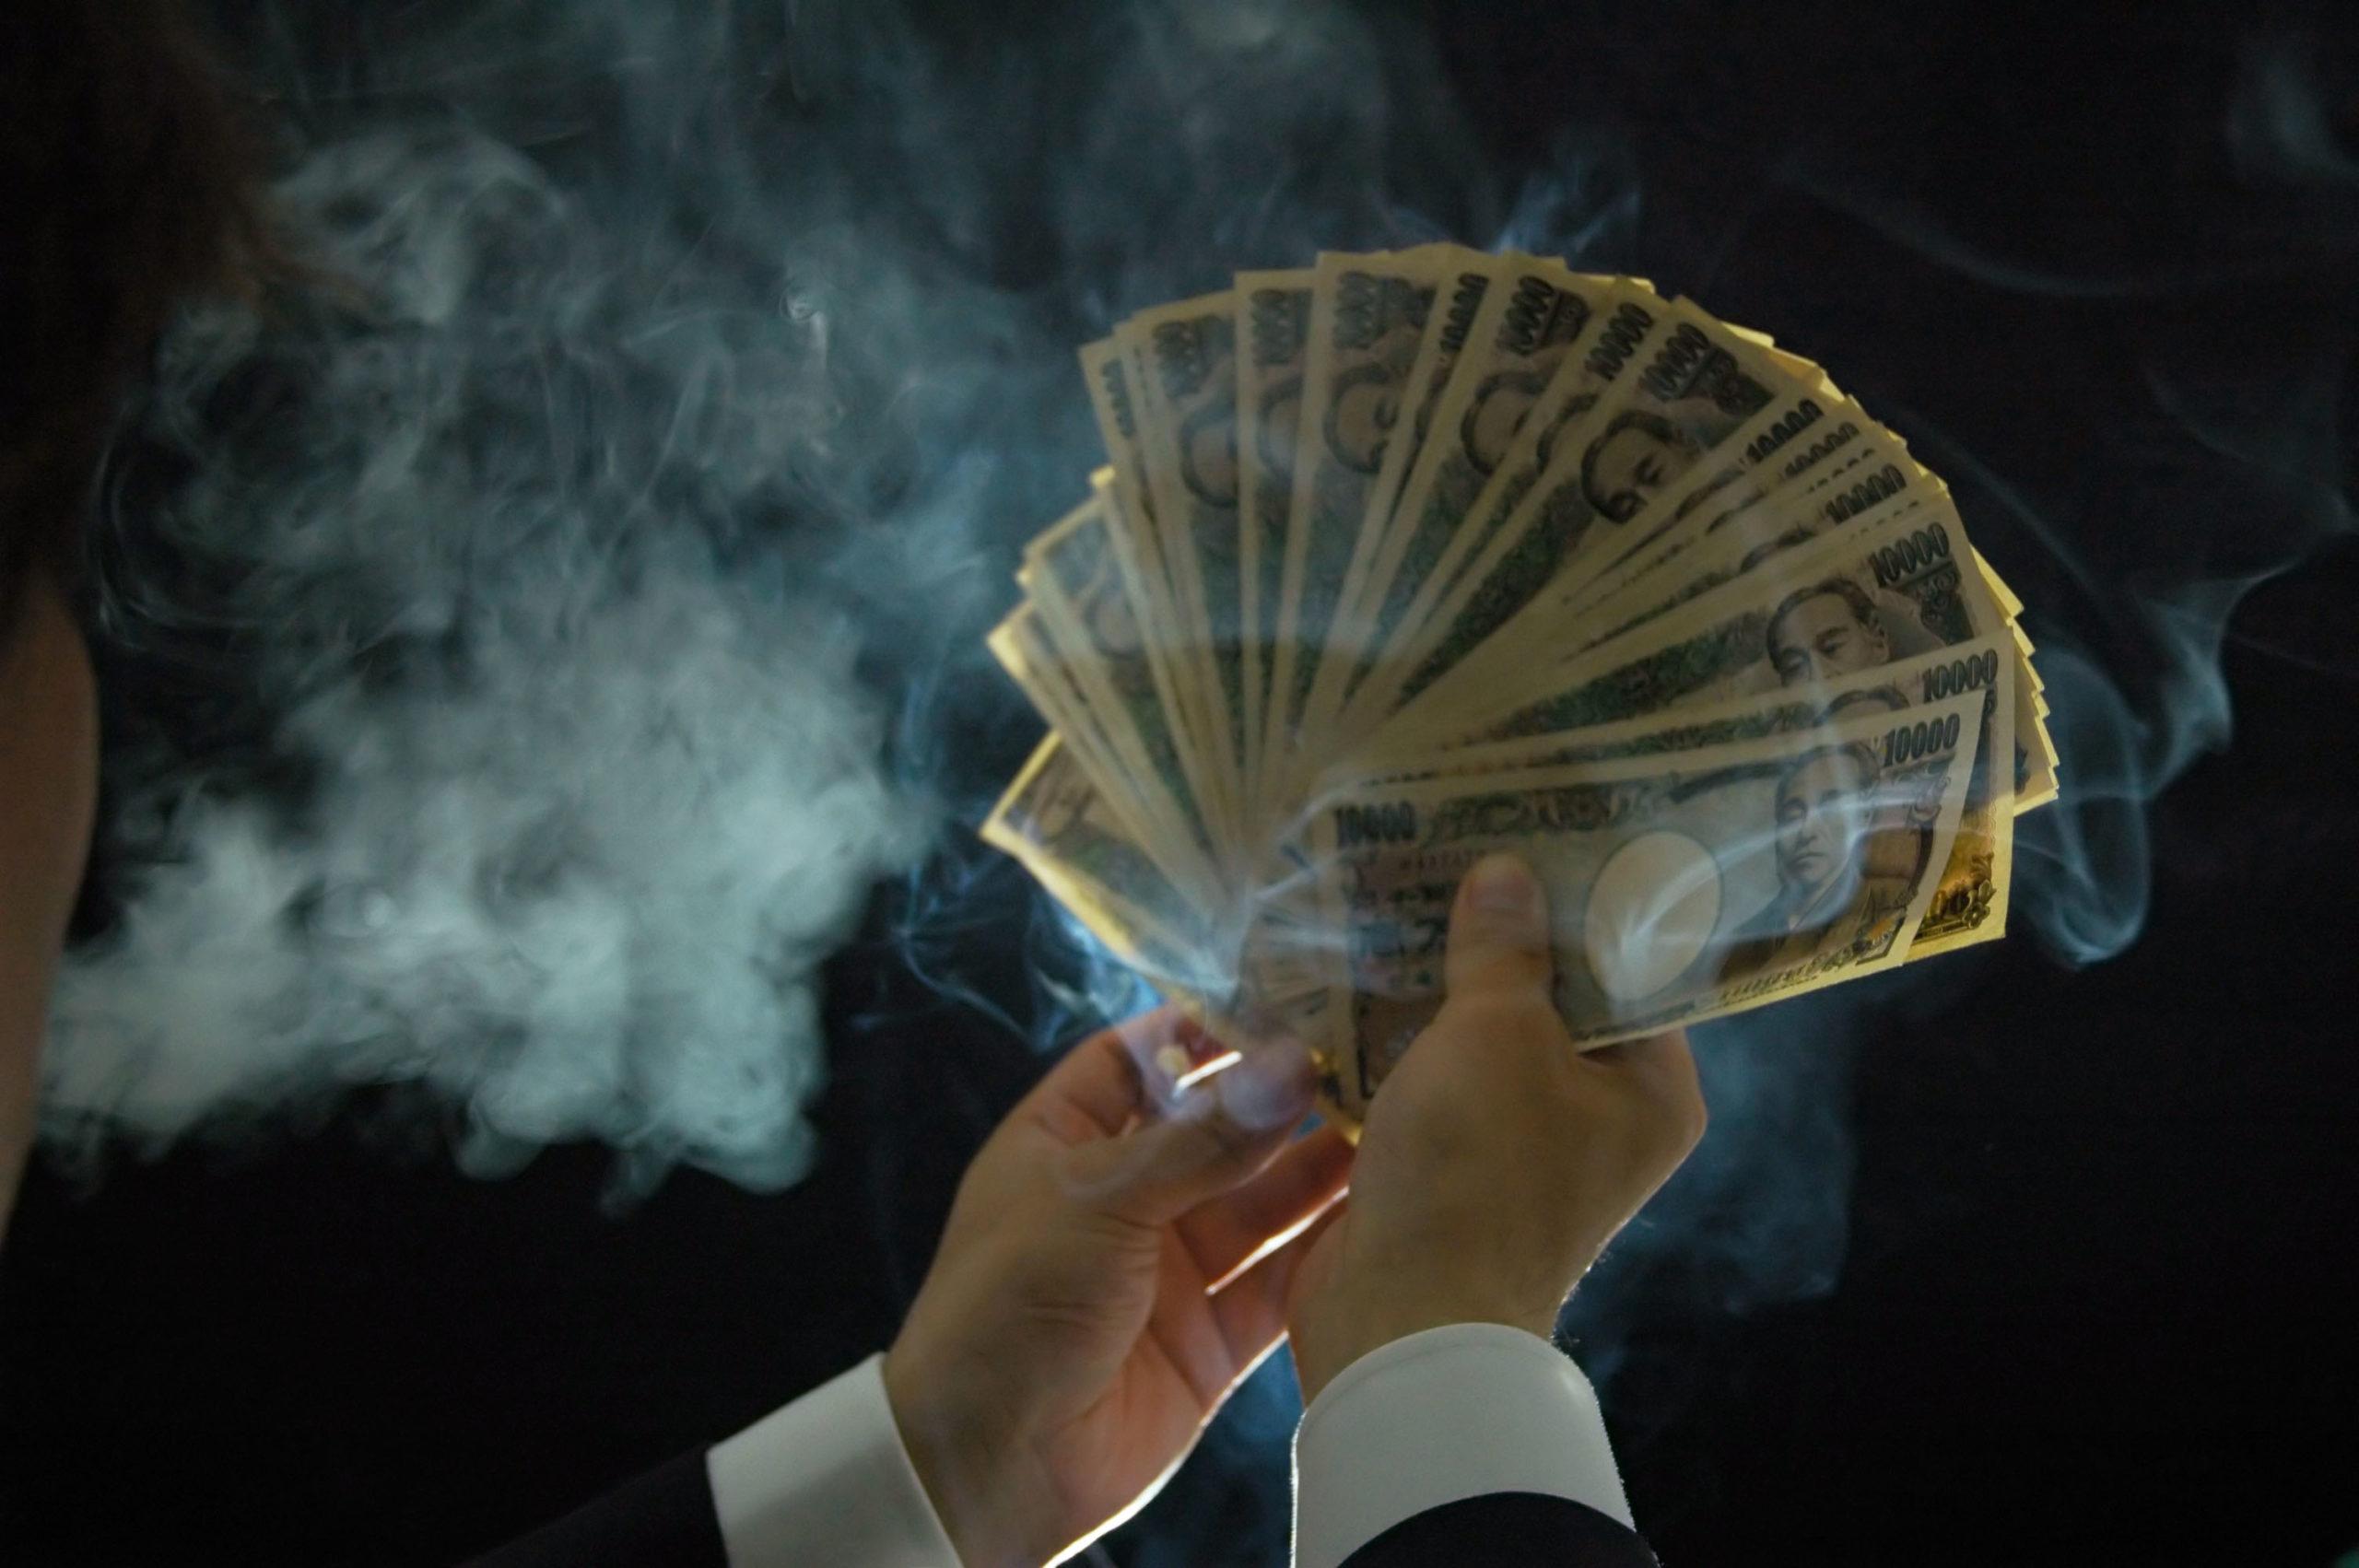 【注意喚起】MEO(ローカルSEO)の詐欺営業の手法を暴露してみた